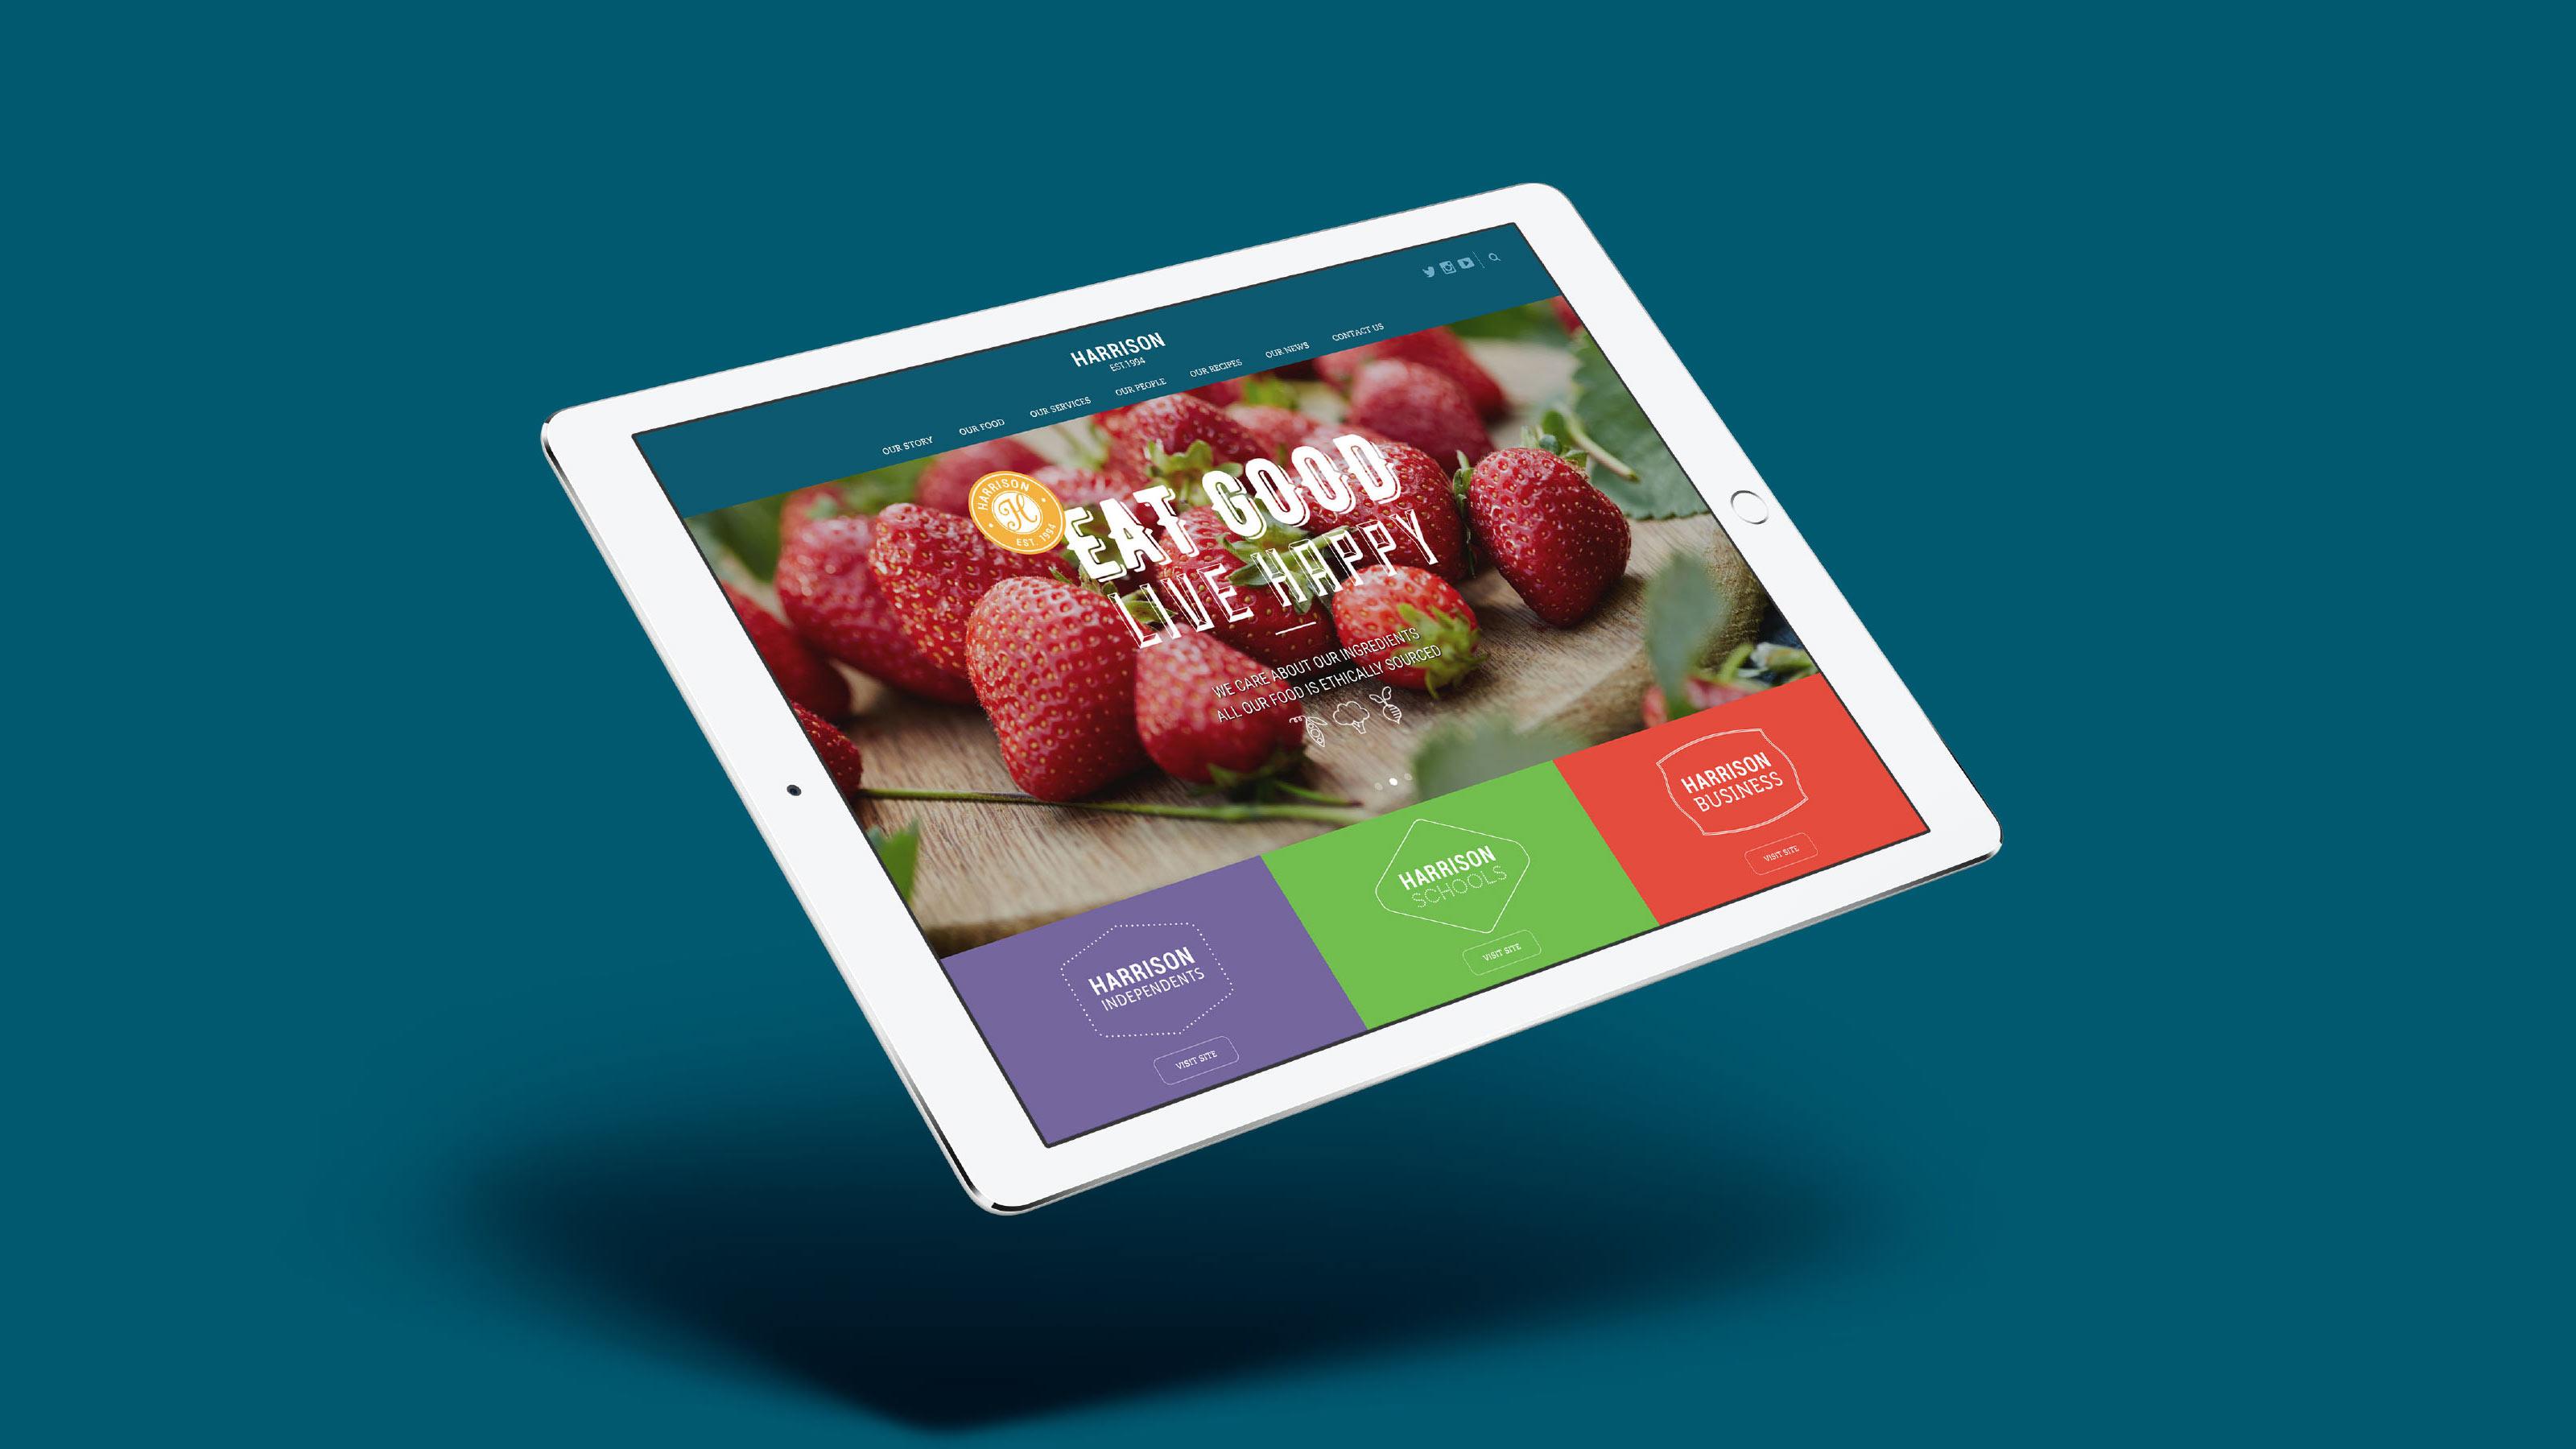 Harrison Brand tablet website design